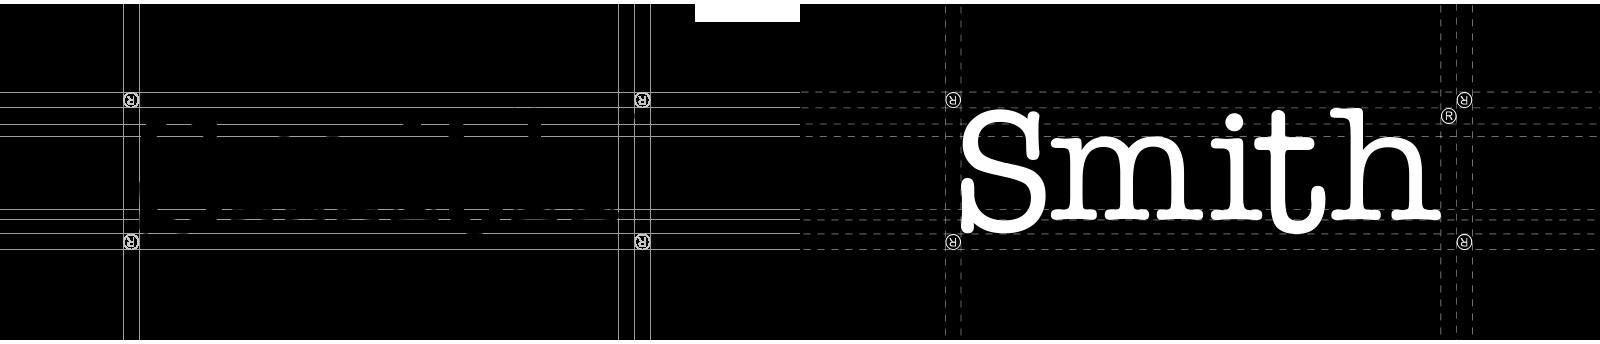 Logotipo positivo y negativo Smith